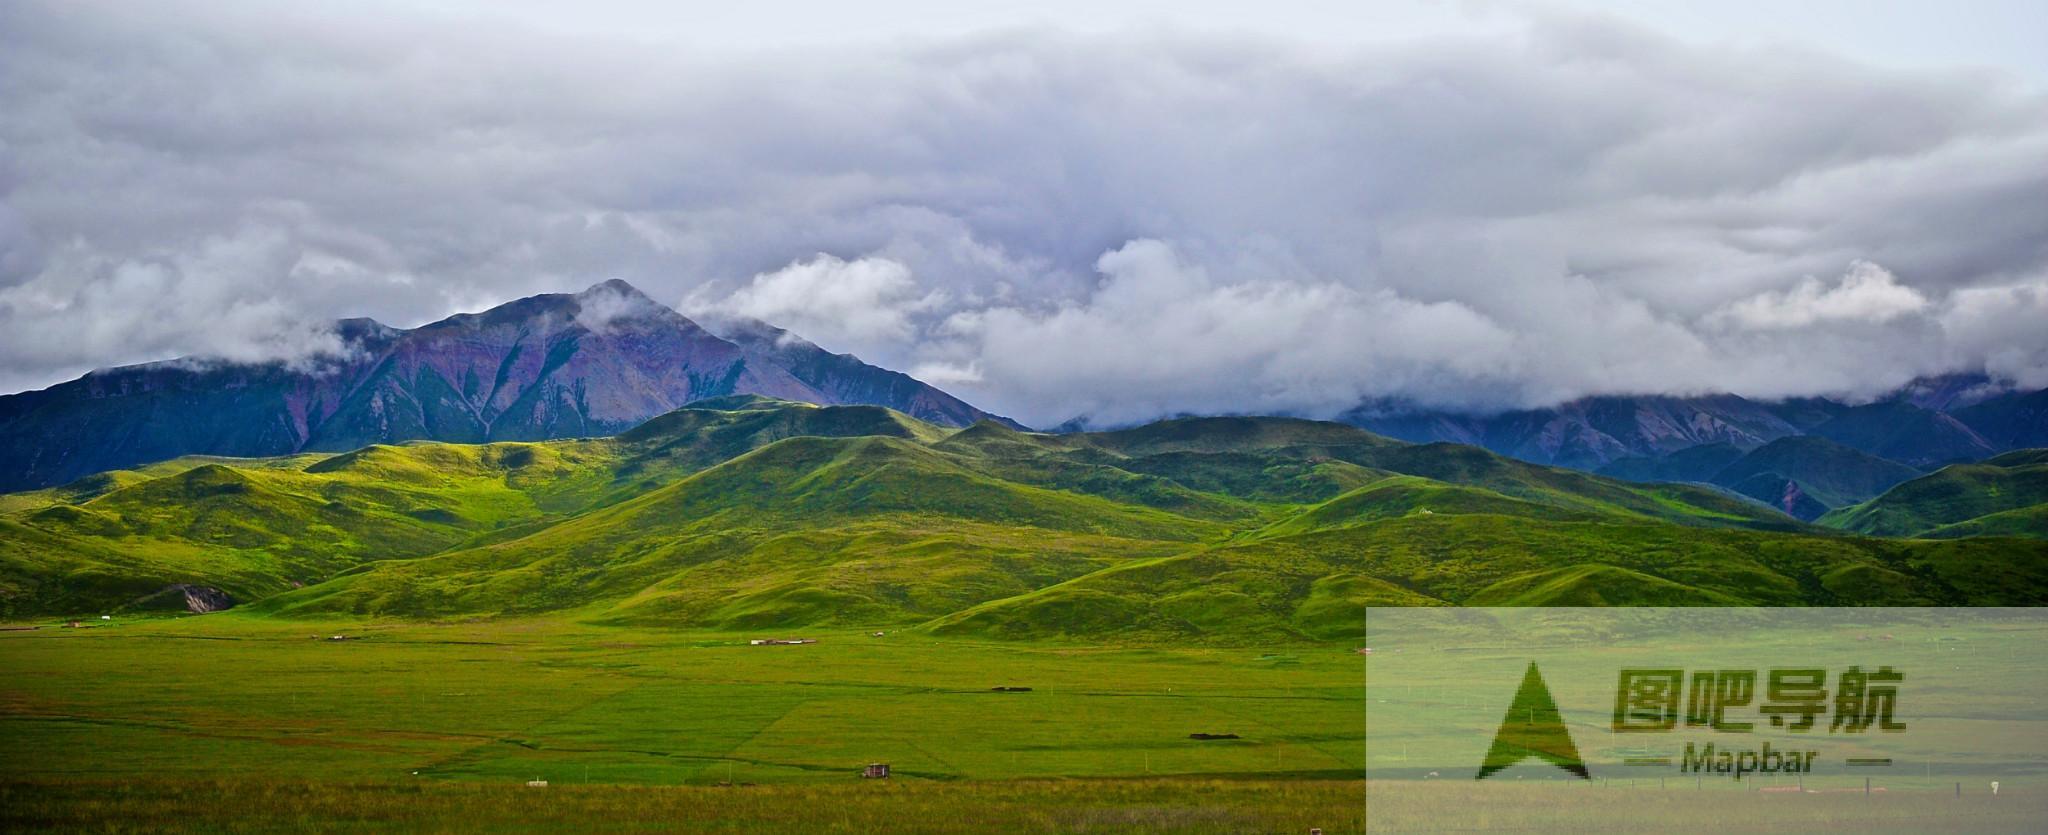 海北藏族自治州旅游景点地图